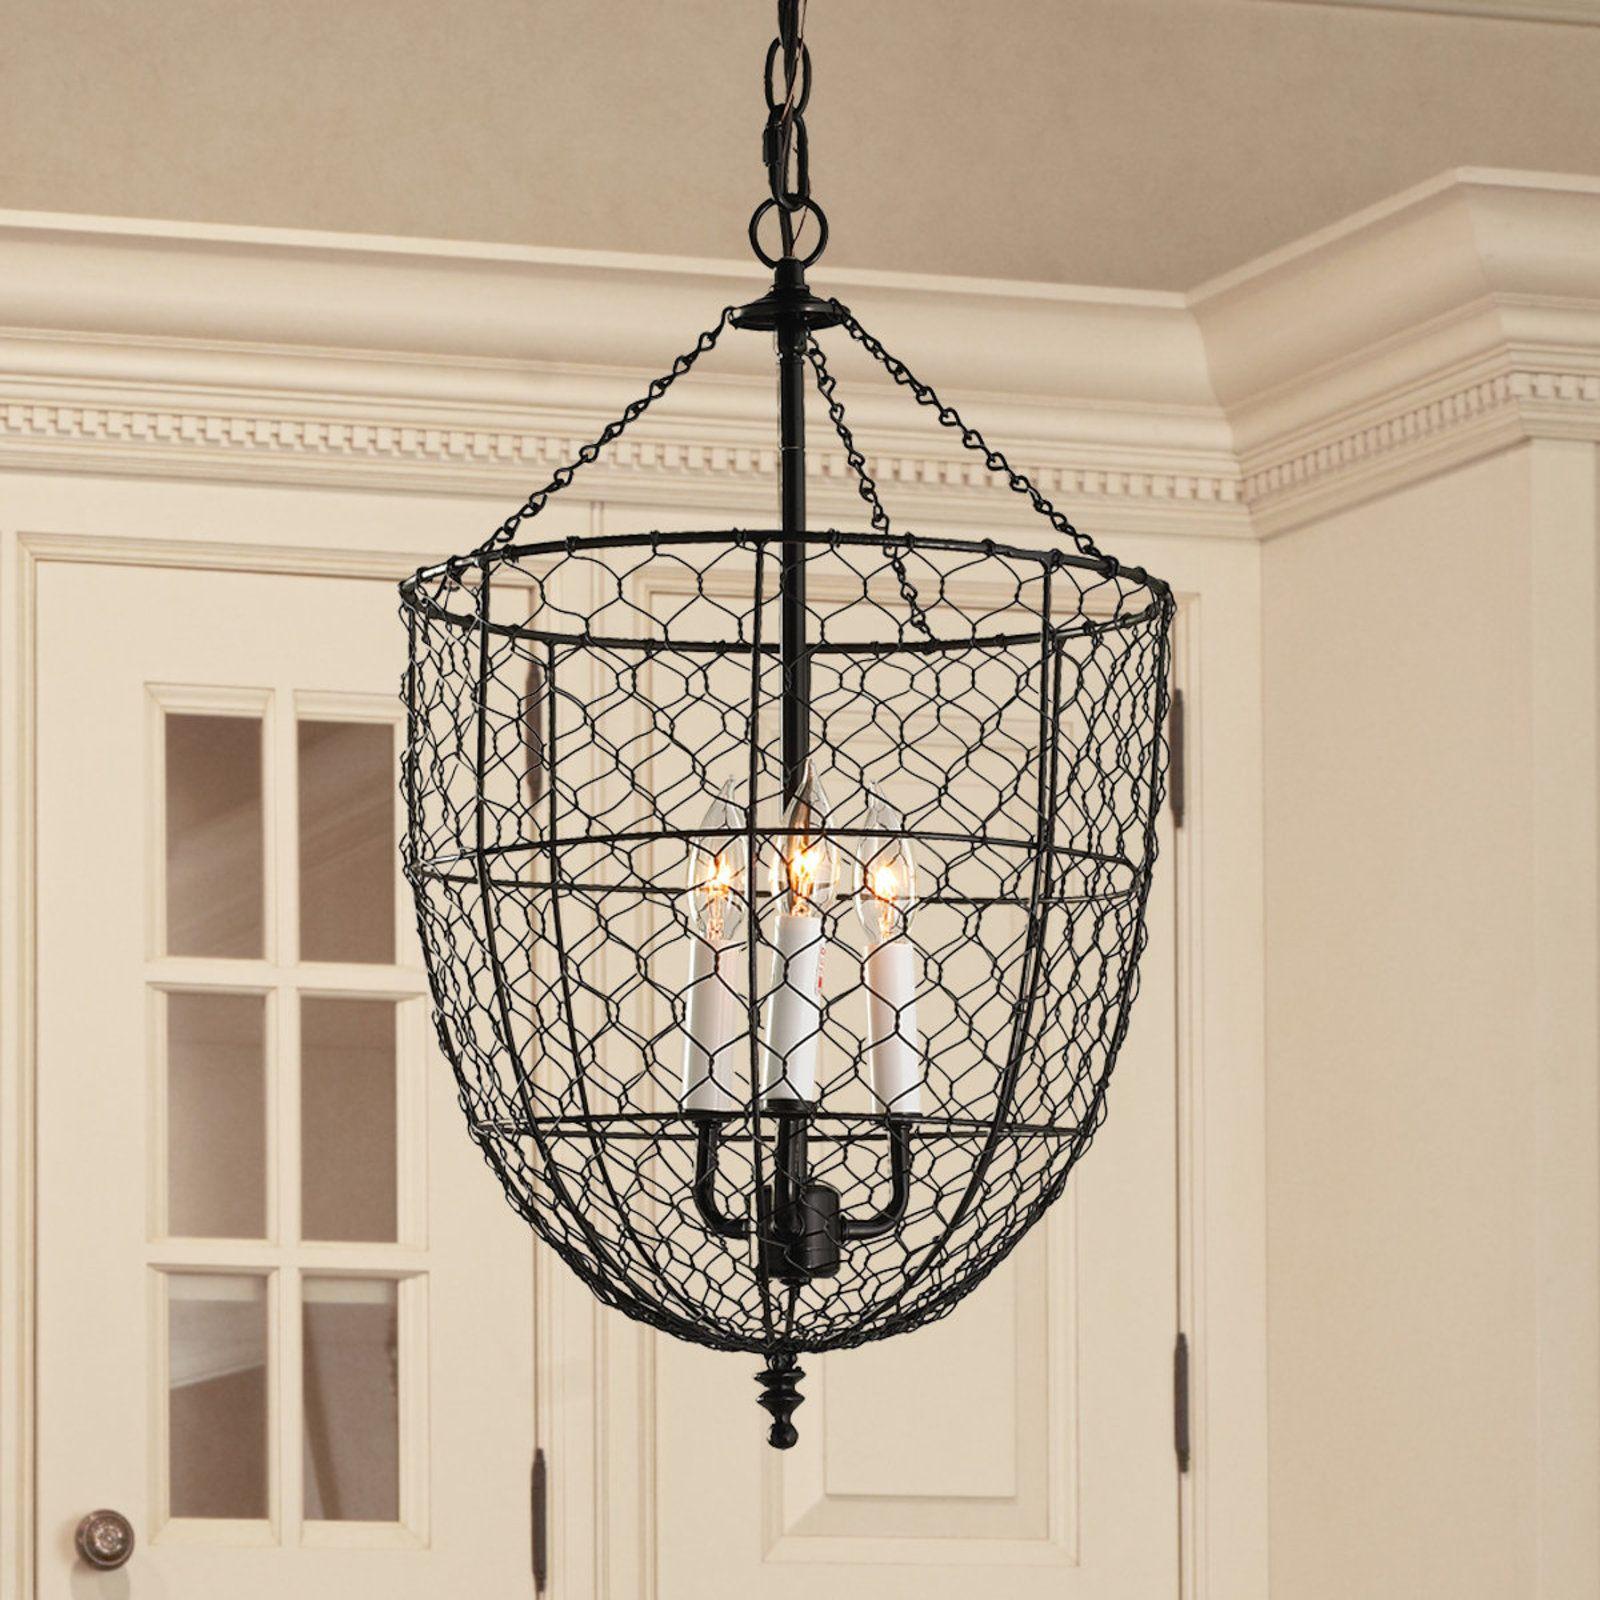 Chicken Wire Smokebell Lantern Black Decor Wire Chandelier Lighting